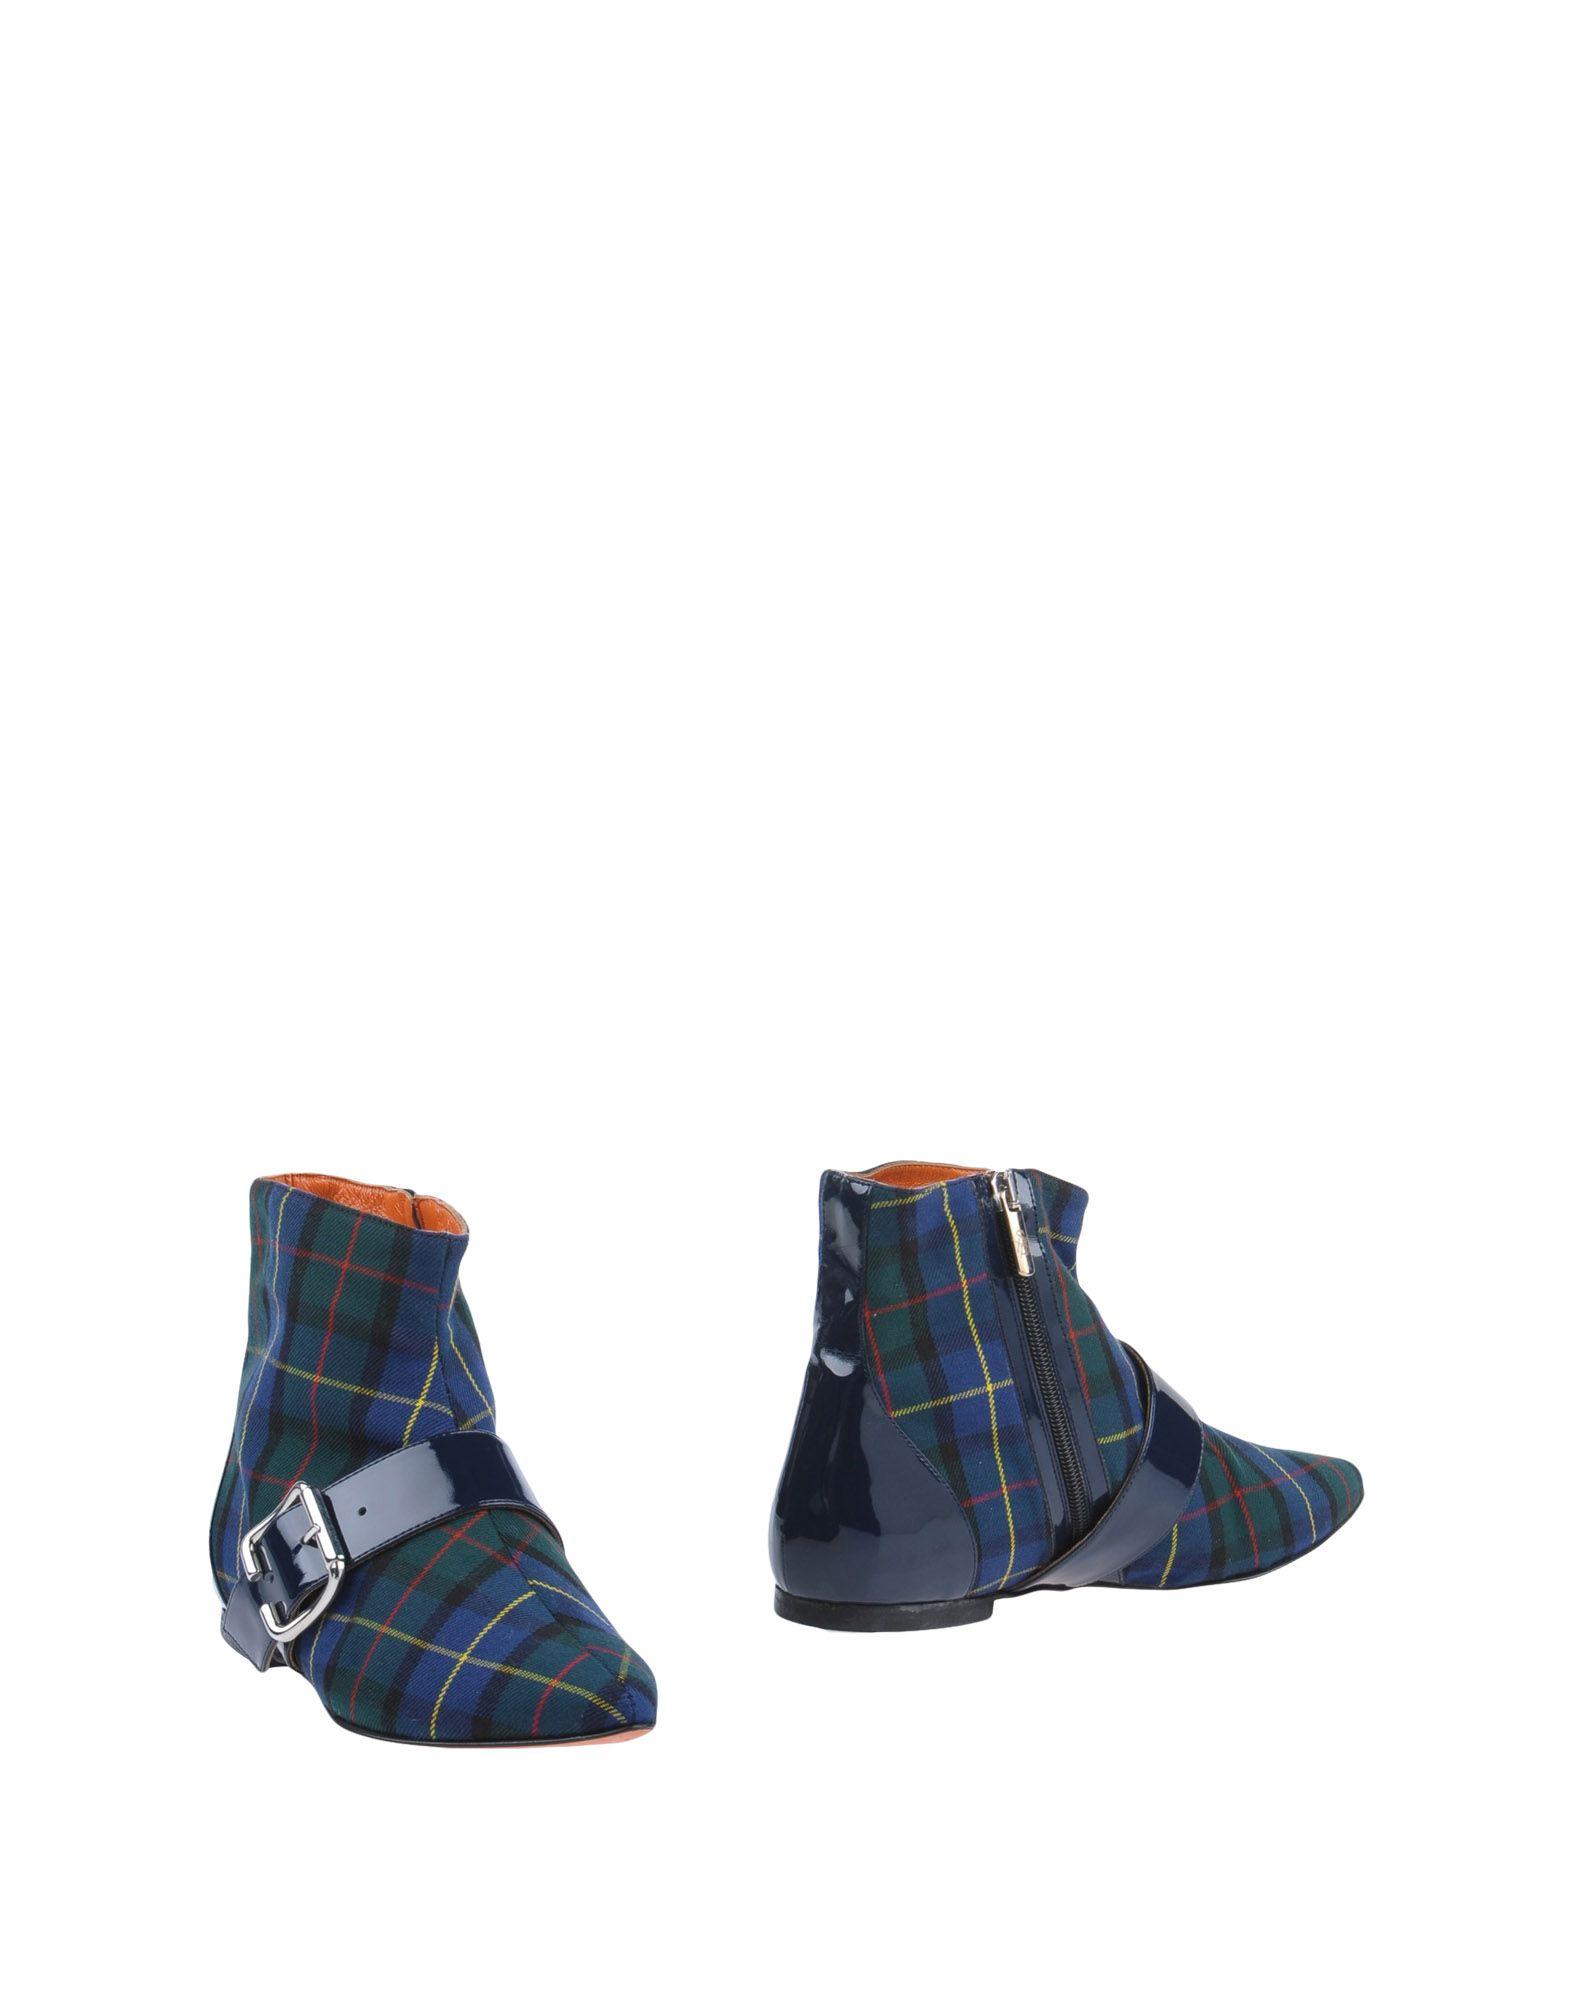 Gut Schuhe um billige Schuhe Gut zu tragenSaint 11326680KR 7f09da